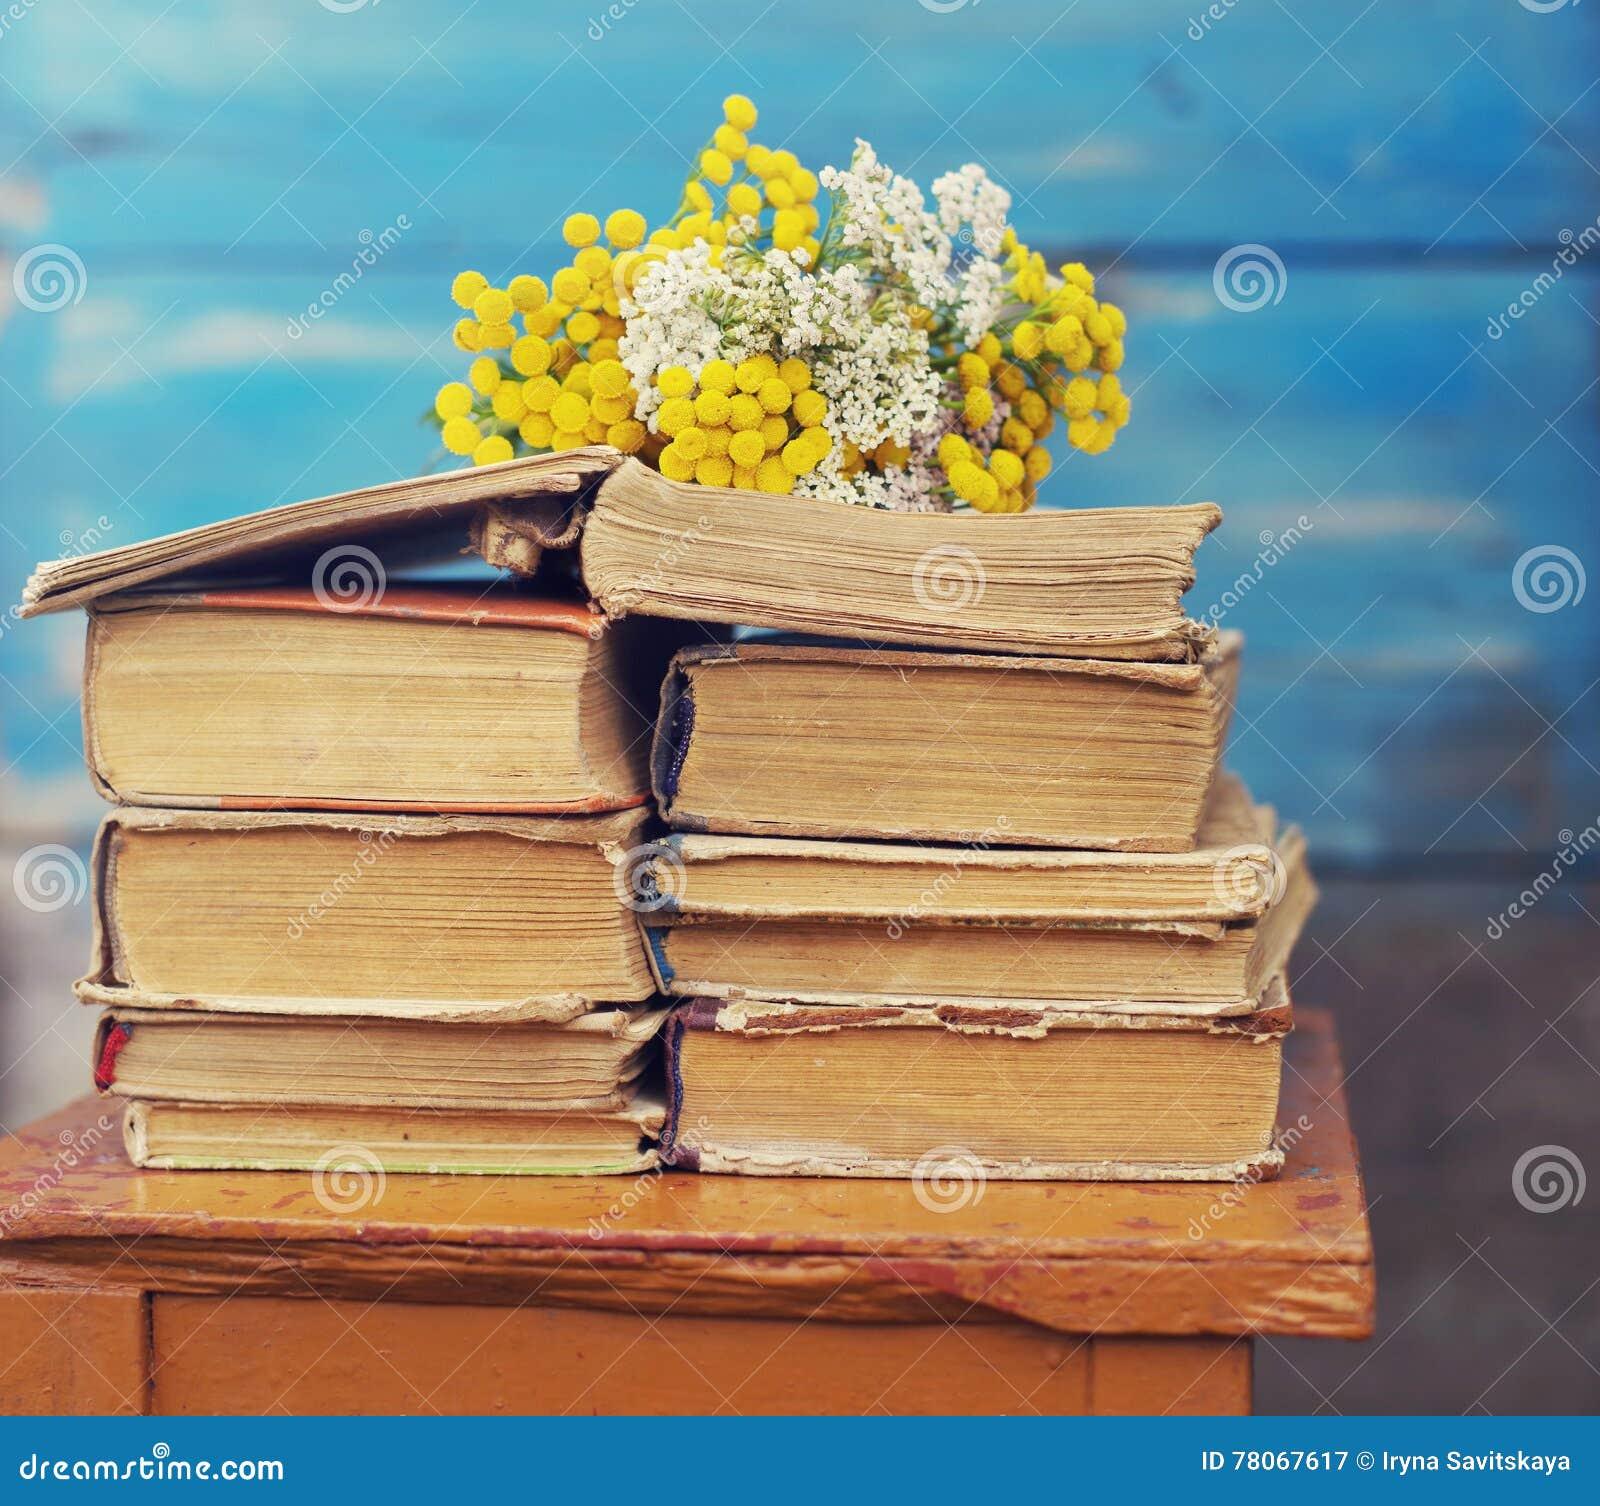 Fiori Gialli Libri.Mucchio Di Vecchi Libri Con Un Mazzo Dei Fiori Gialli Immagine